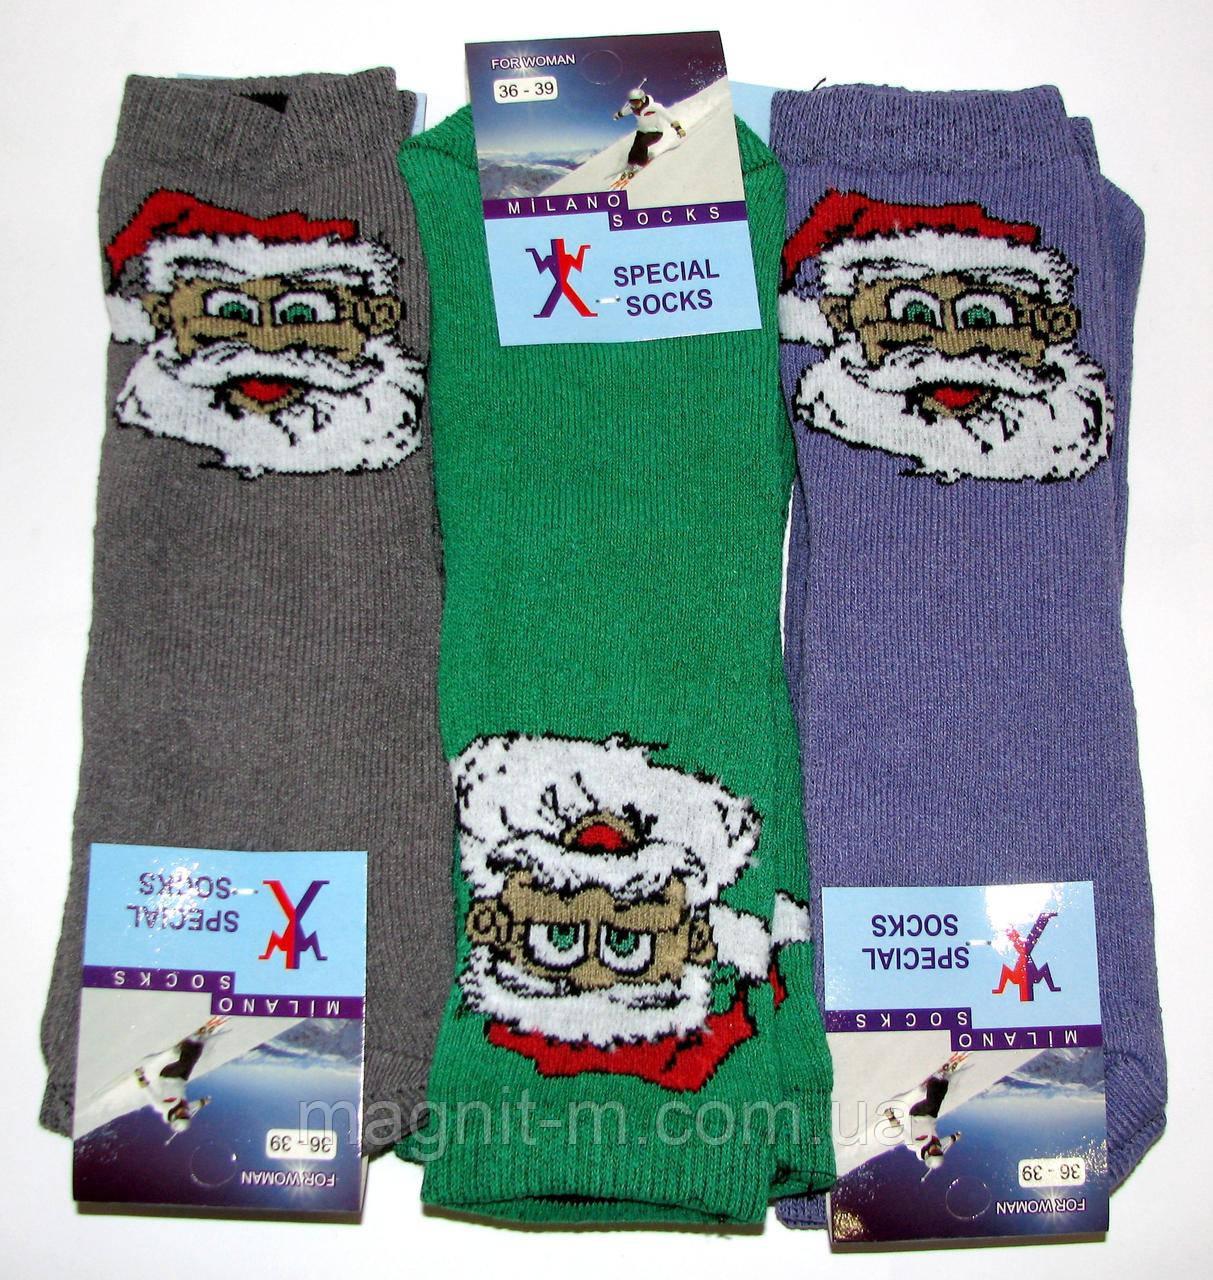 Женские теплые махровые носки MILANO SOCKS. Дед мороз. Три цвета (феолетовый,зеленый, серый)